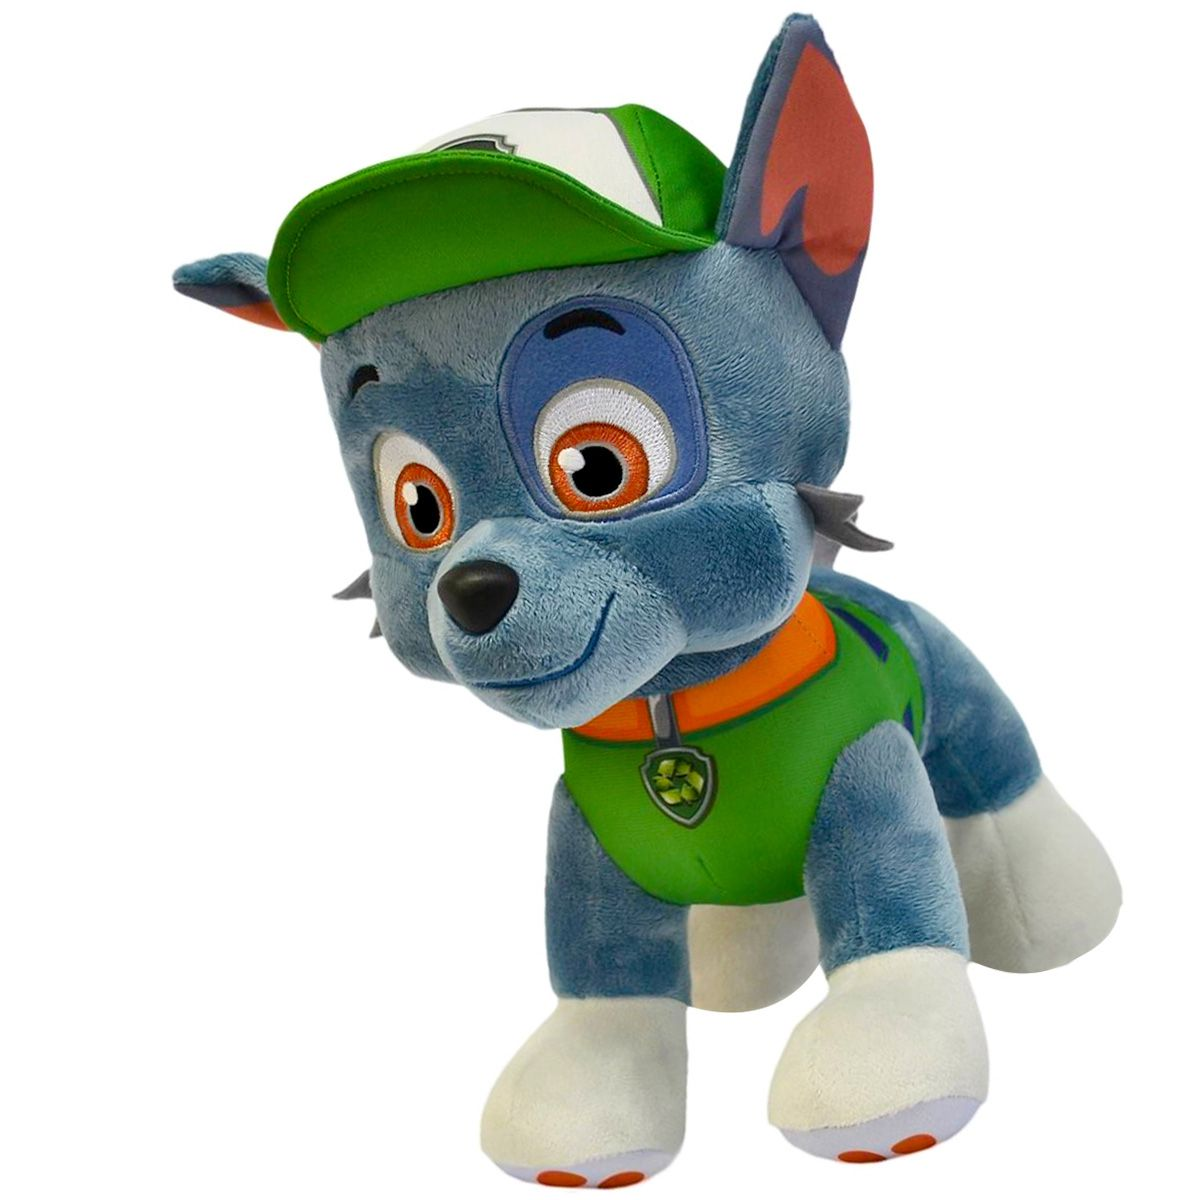 Patrulha Canina Pelúcia Rocky com Quebra-cabeça Littlest Pet Shop